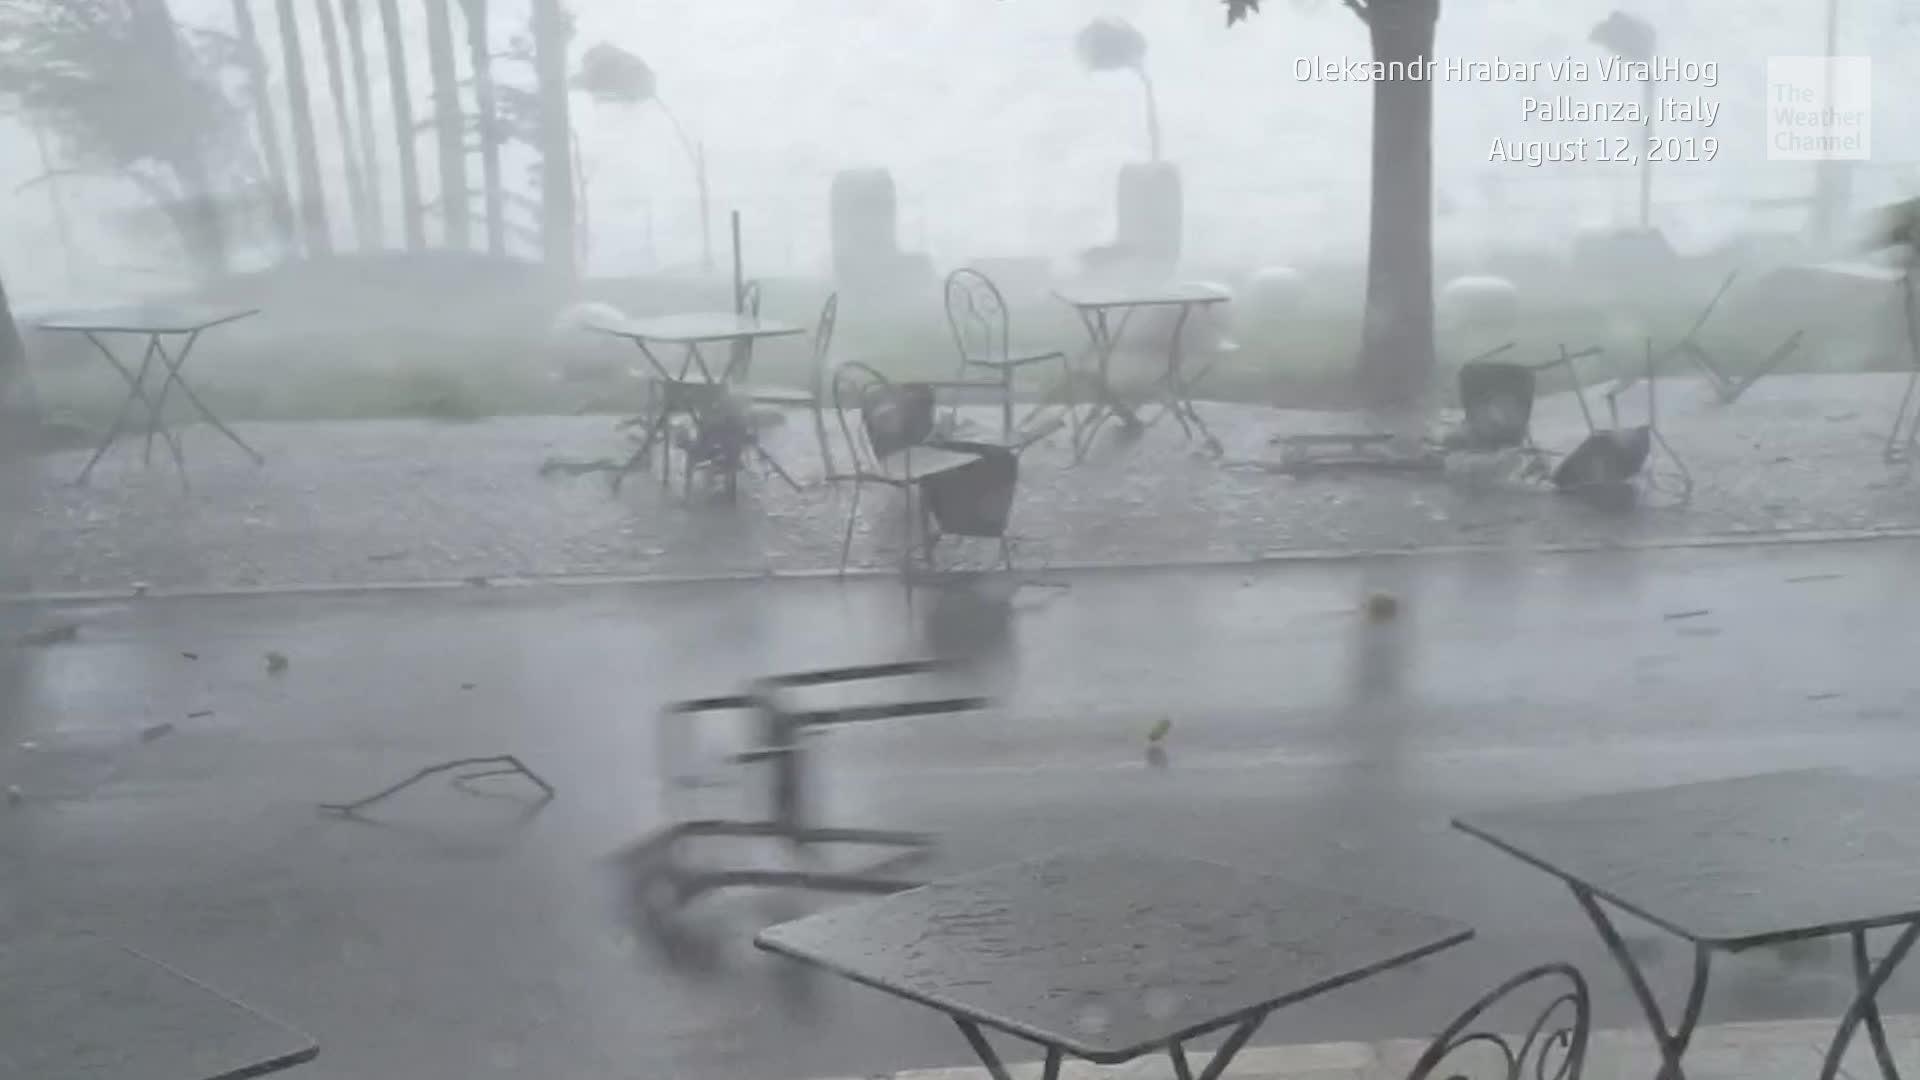 Intensos vientos de severas tormentas hicieron volar los muebles en Pallanza, Italia.